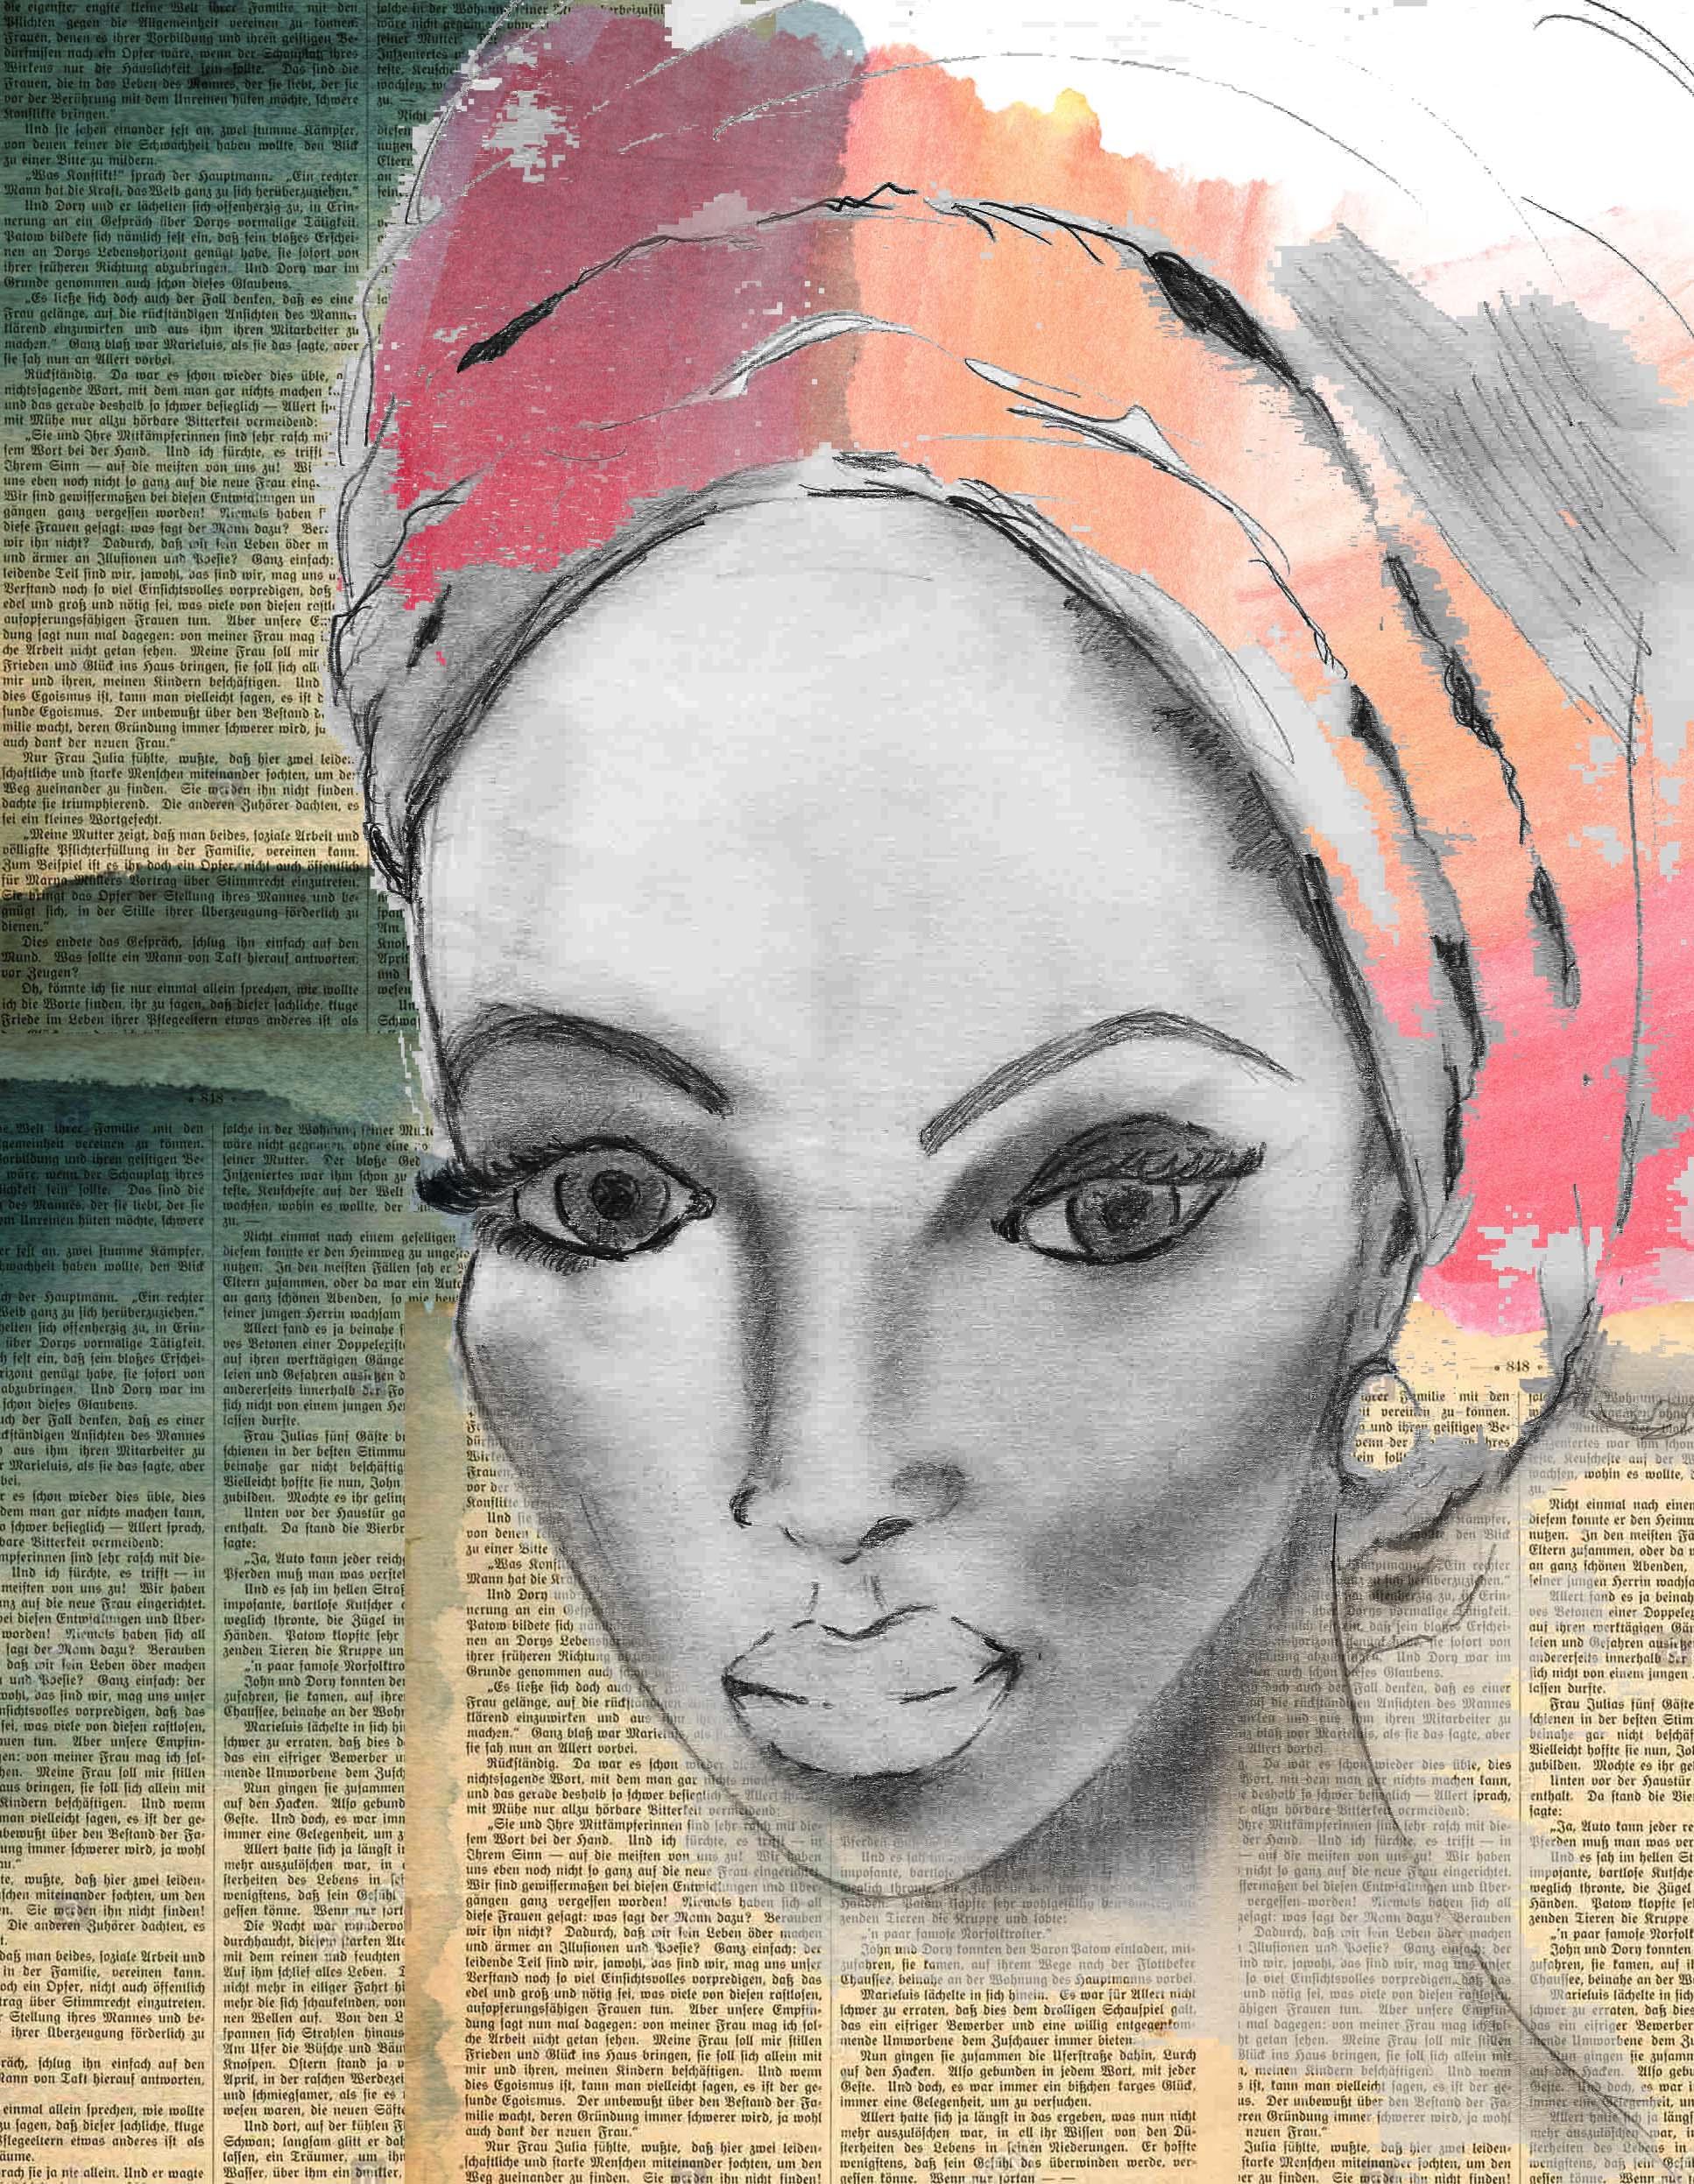 AntoinetteAfricanLadyHeadwrap-roughcopy-lowqualityjpg.jpg